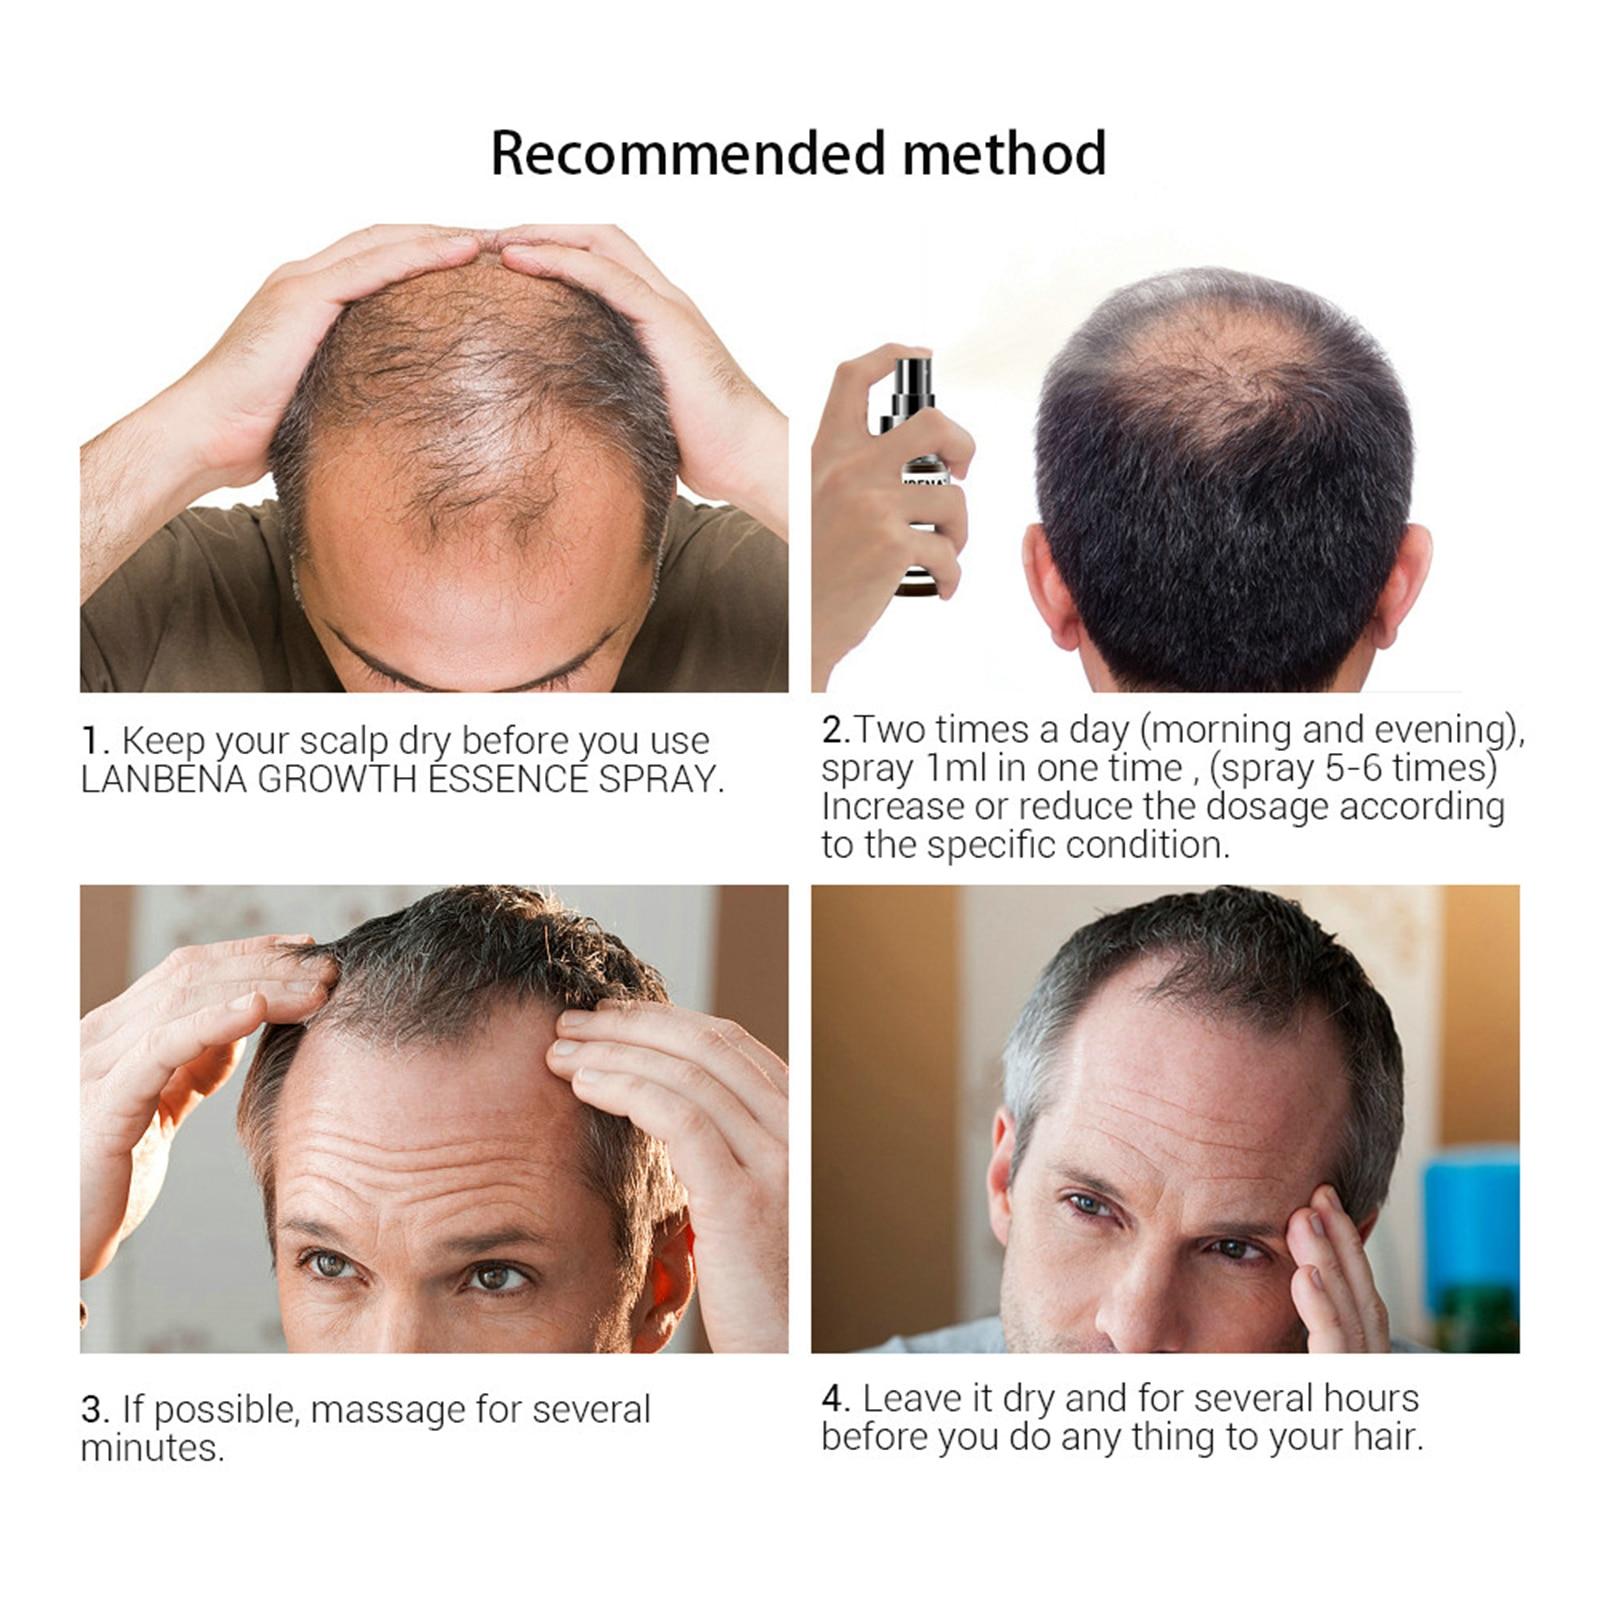 tratamentos p cabelo couro cabeludo 04